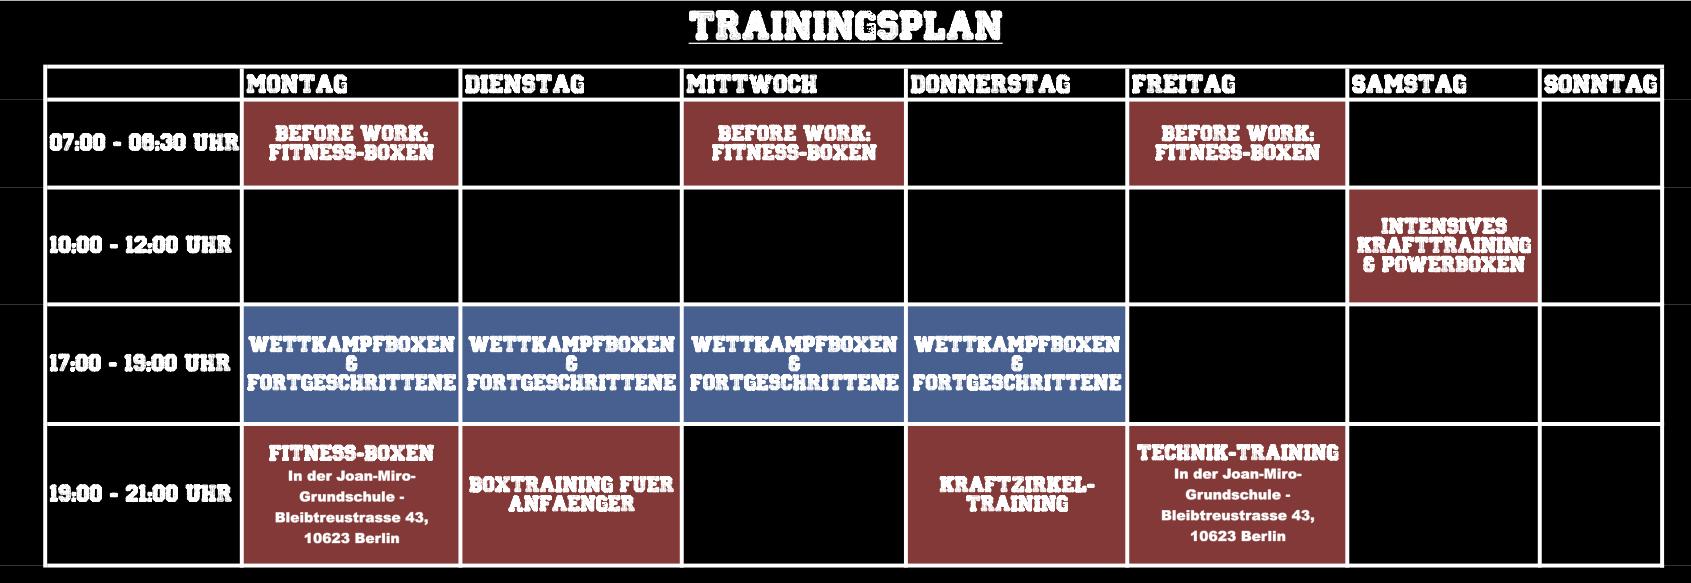 Trainingsplan Boxen